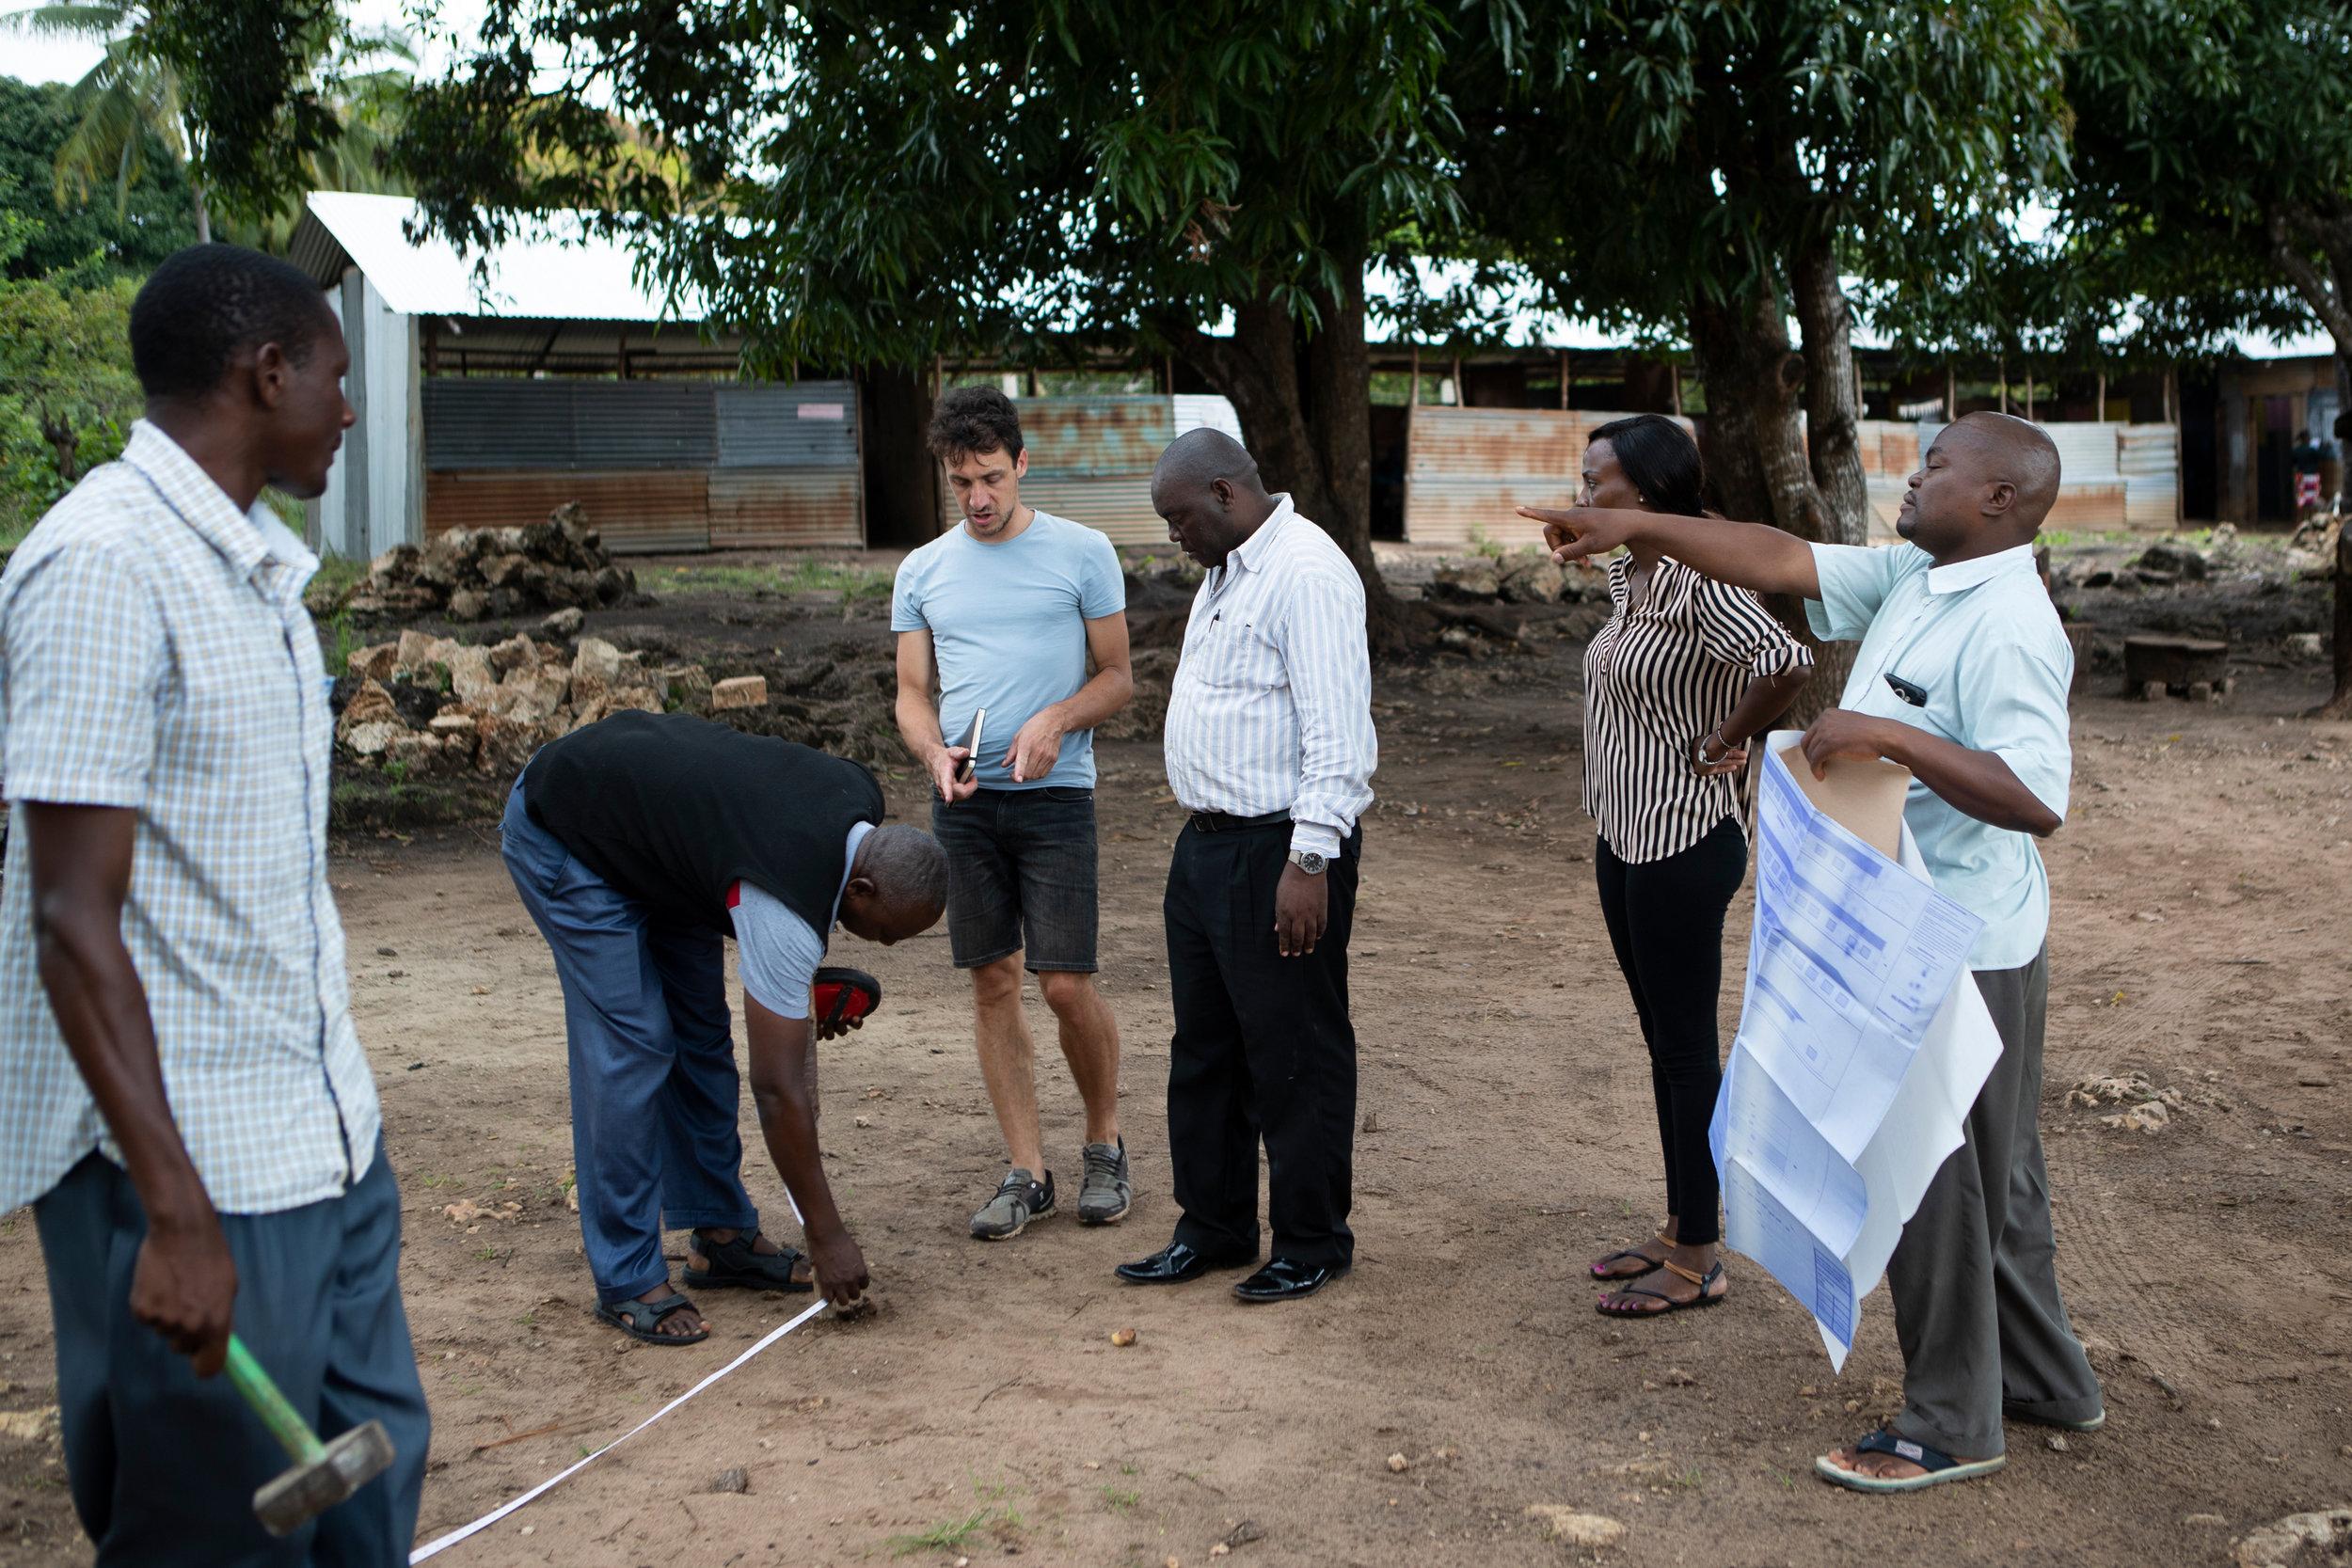 Milan Rohrer beim Vermessen des Geländes mit dem Bauherrn, Bauunternehmer und Architekten. Foto: Karen Yee